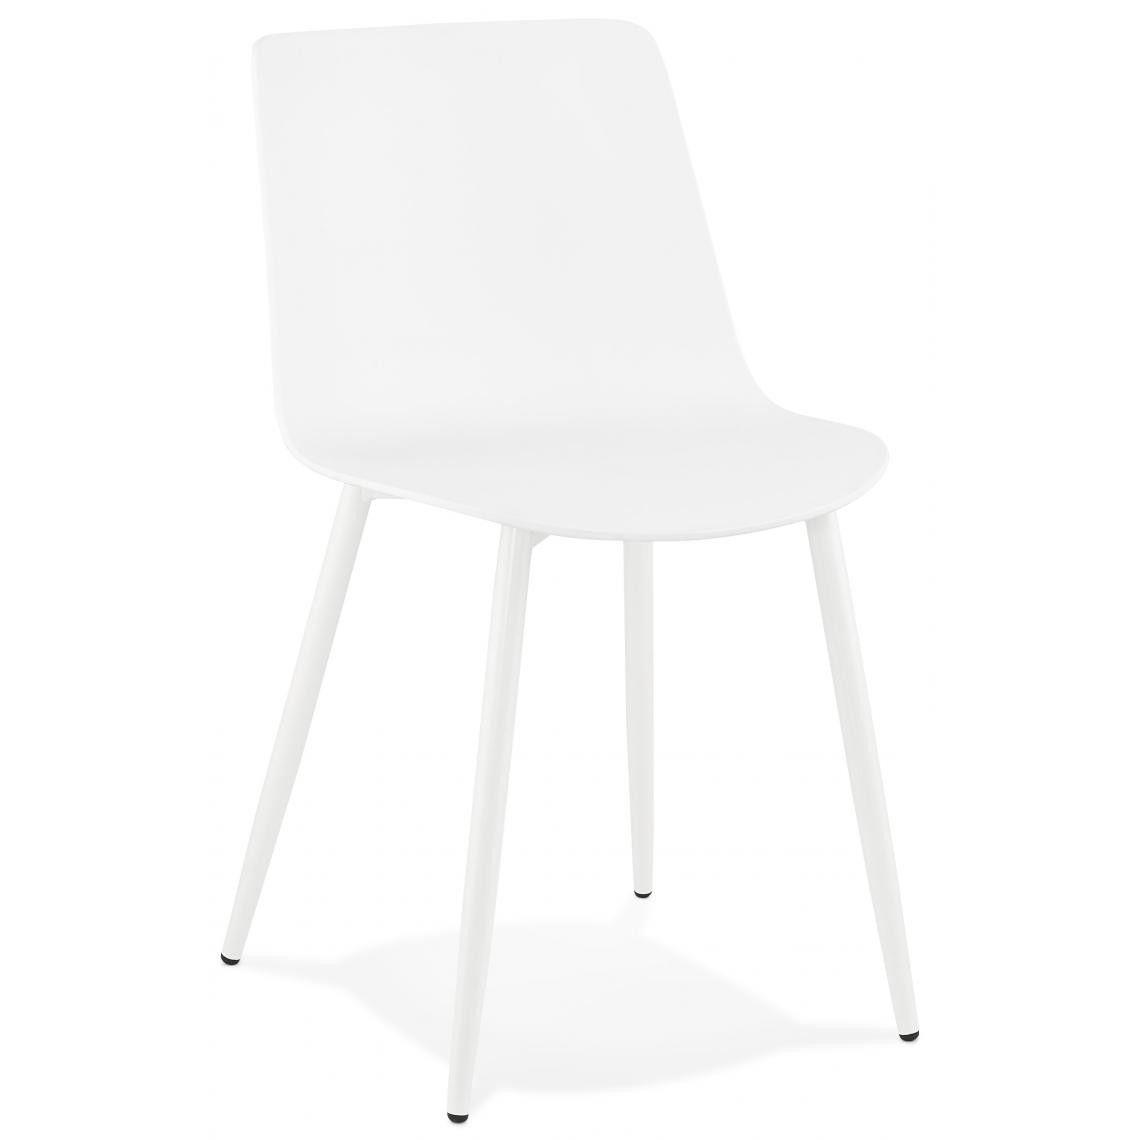 Chaise En Plastique Blanche Dossier Rectangulaire Flox En 2020 Chaise Design Chaise Cuisine Cuisine Moderne